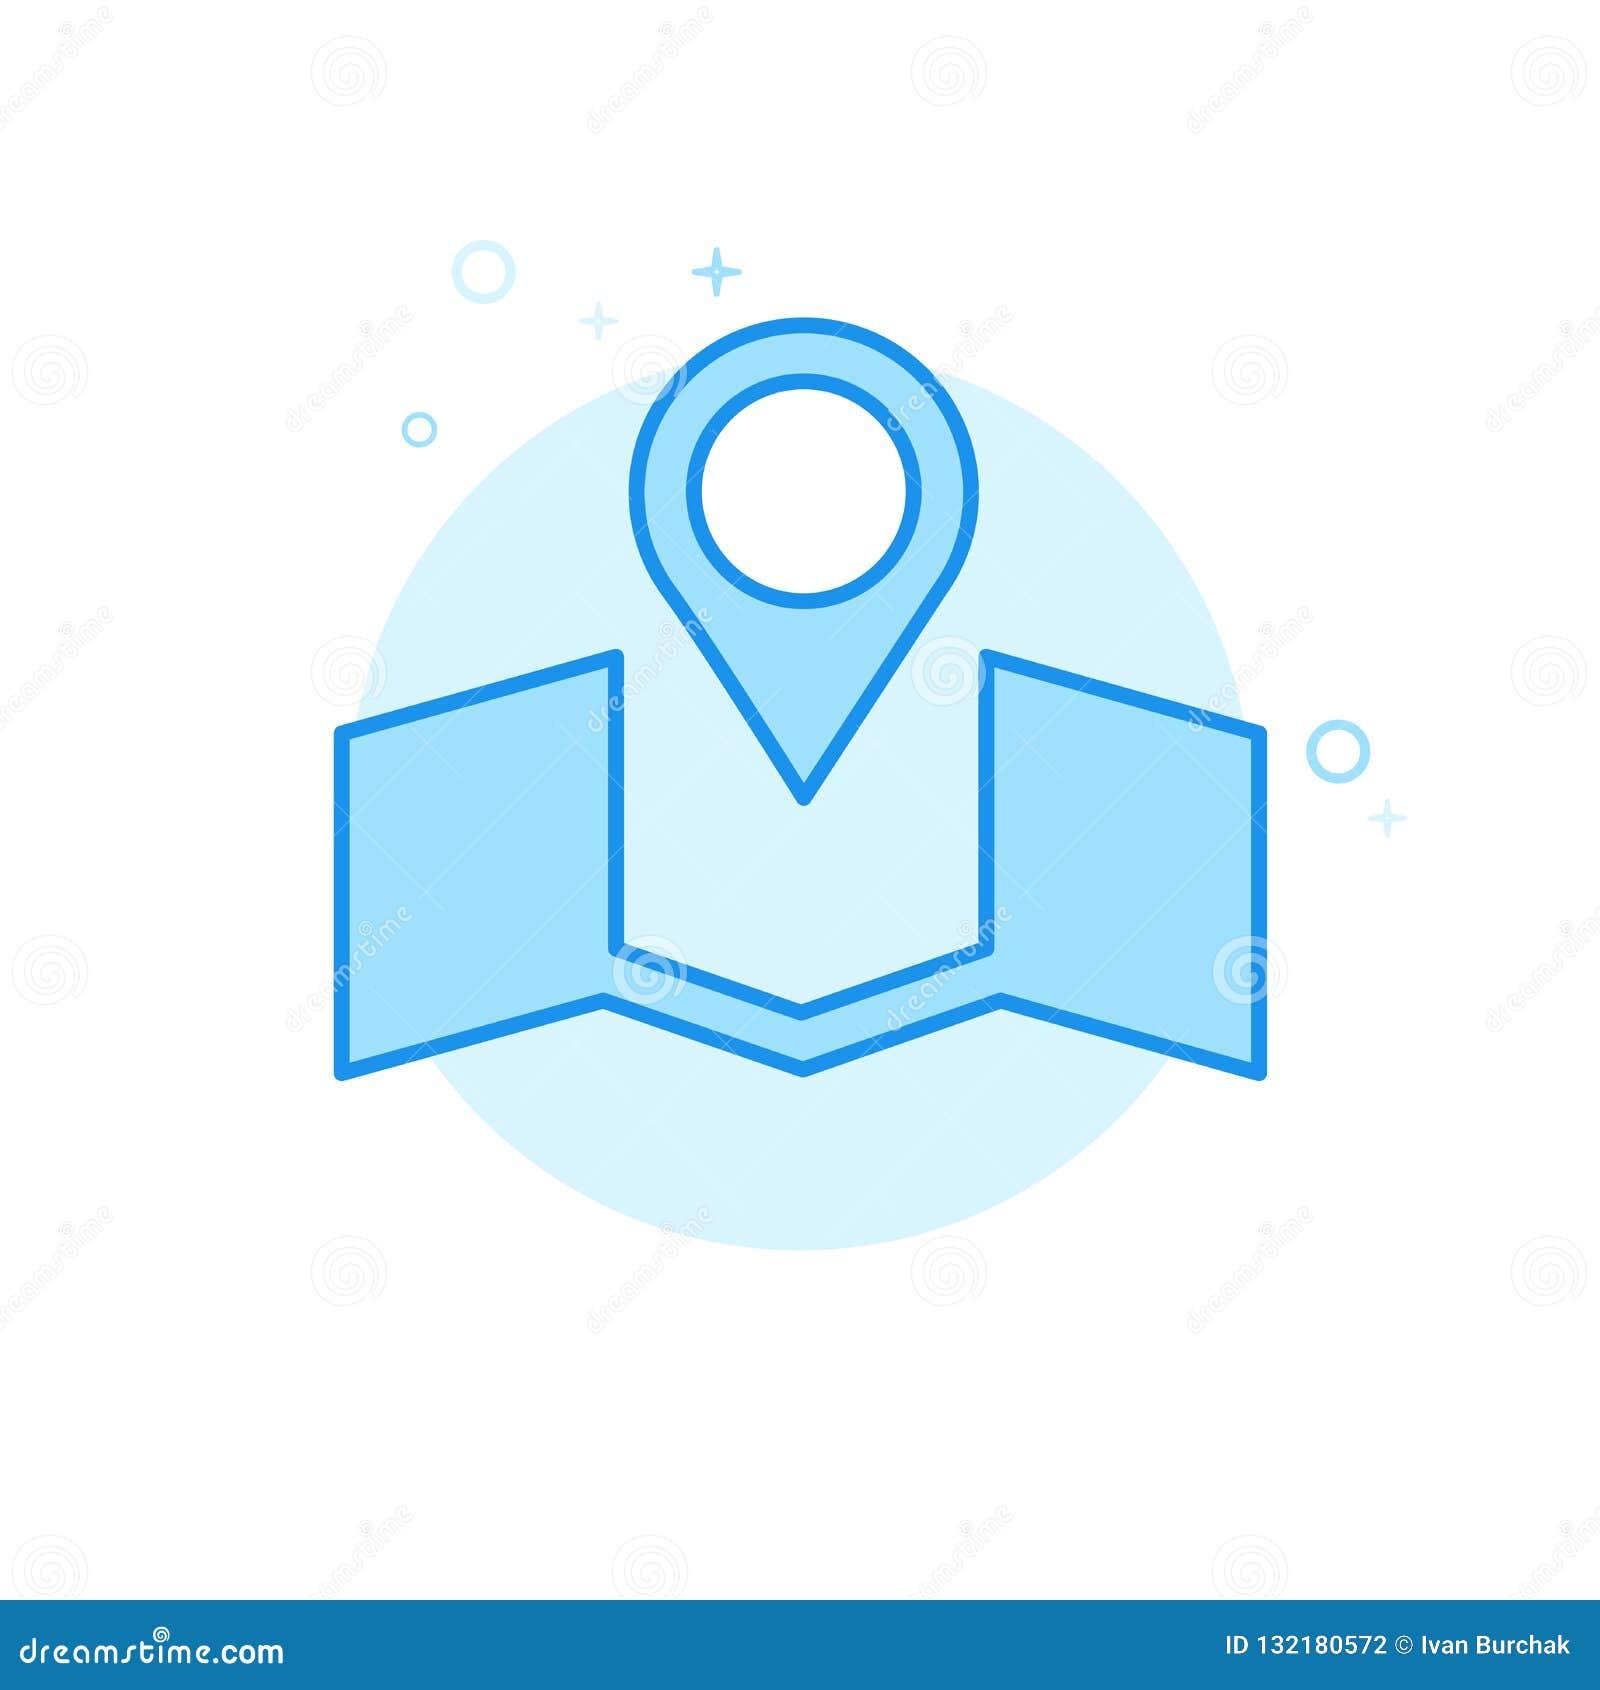 Gifta sig den plana vektorsymbolen för mötesplats, symbol, Pictogram, tecken Ljust - blå monokrom design Redigerbar slaglängd